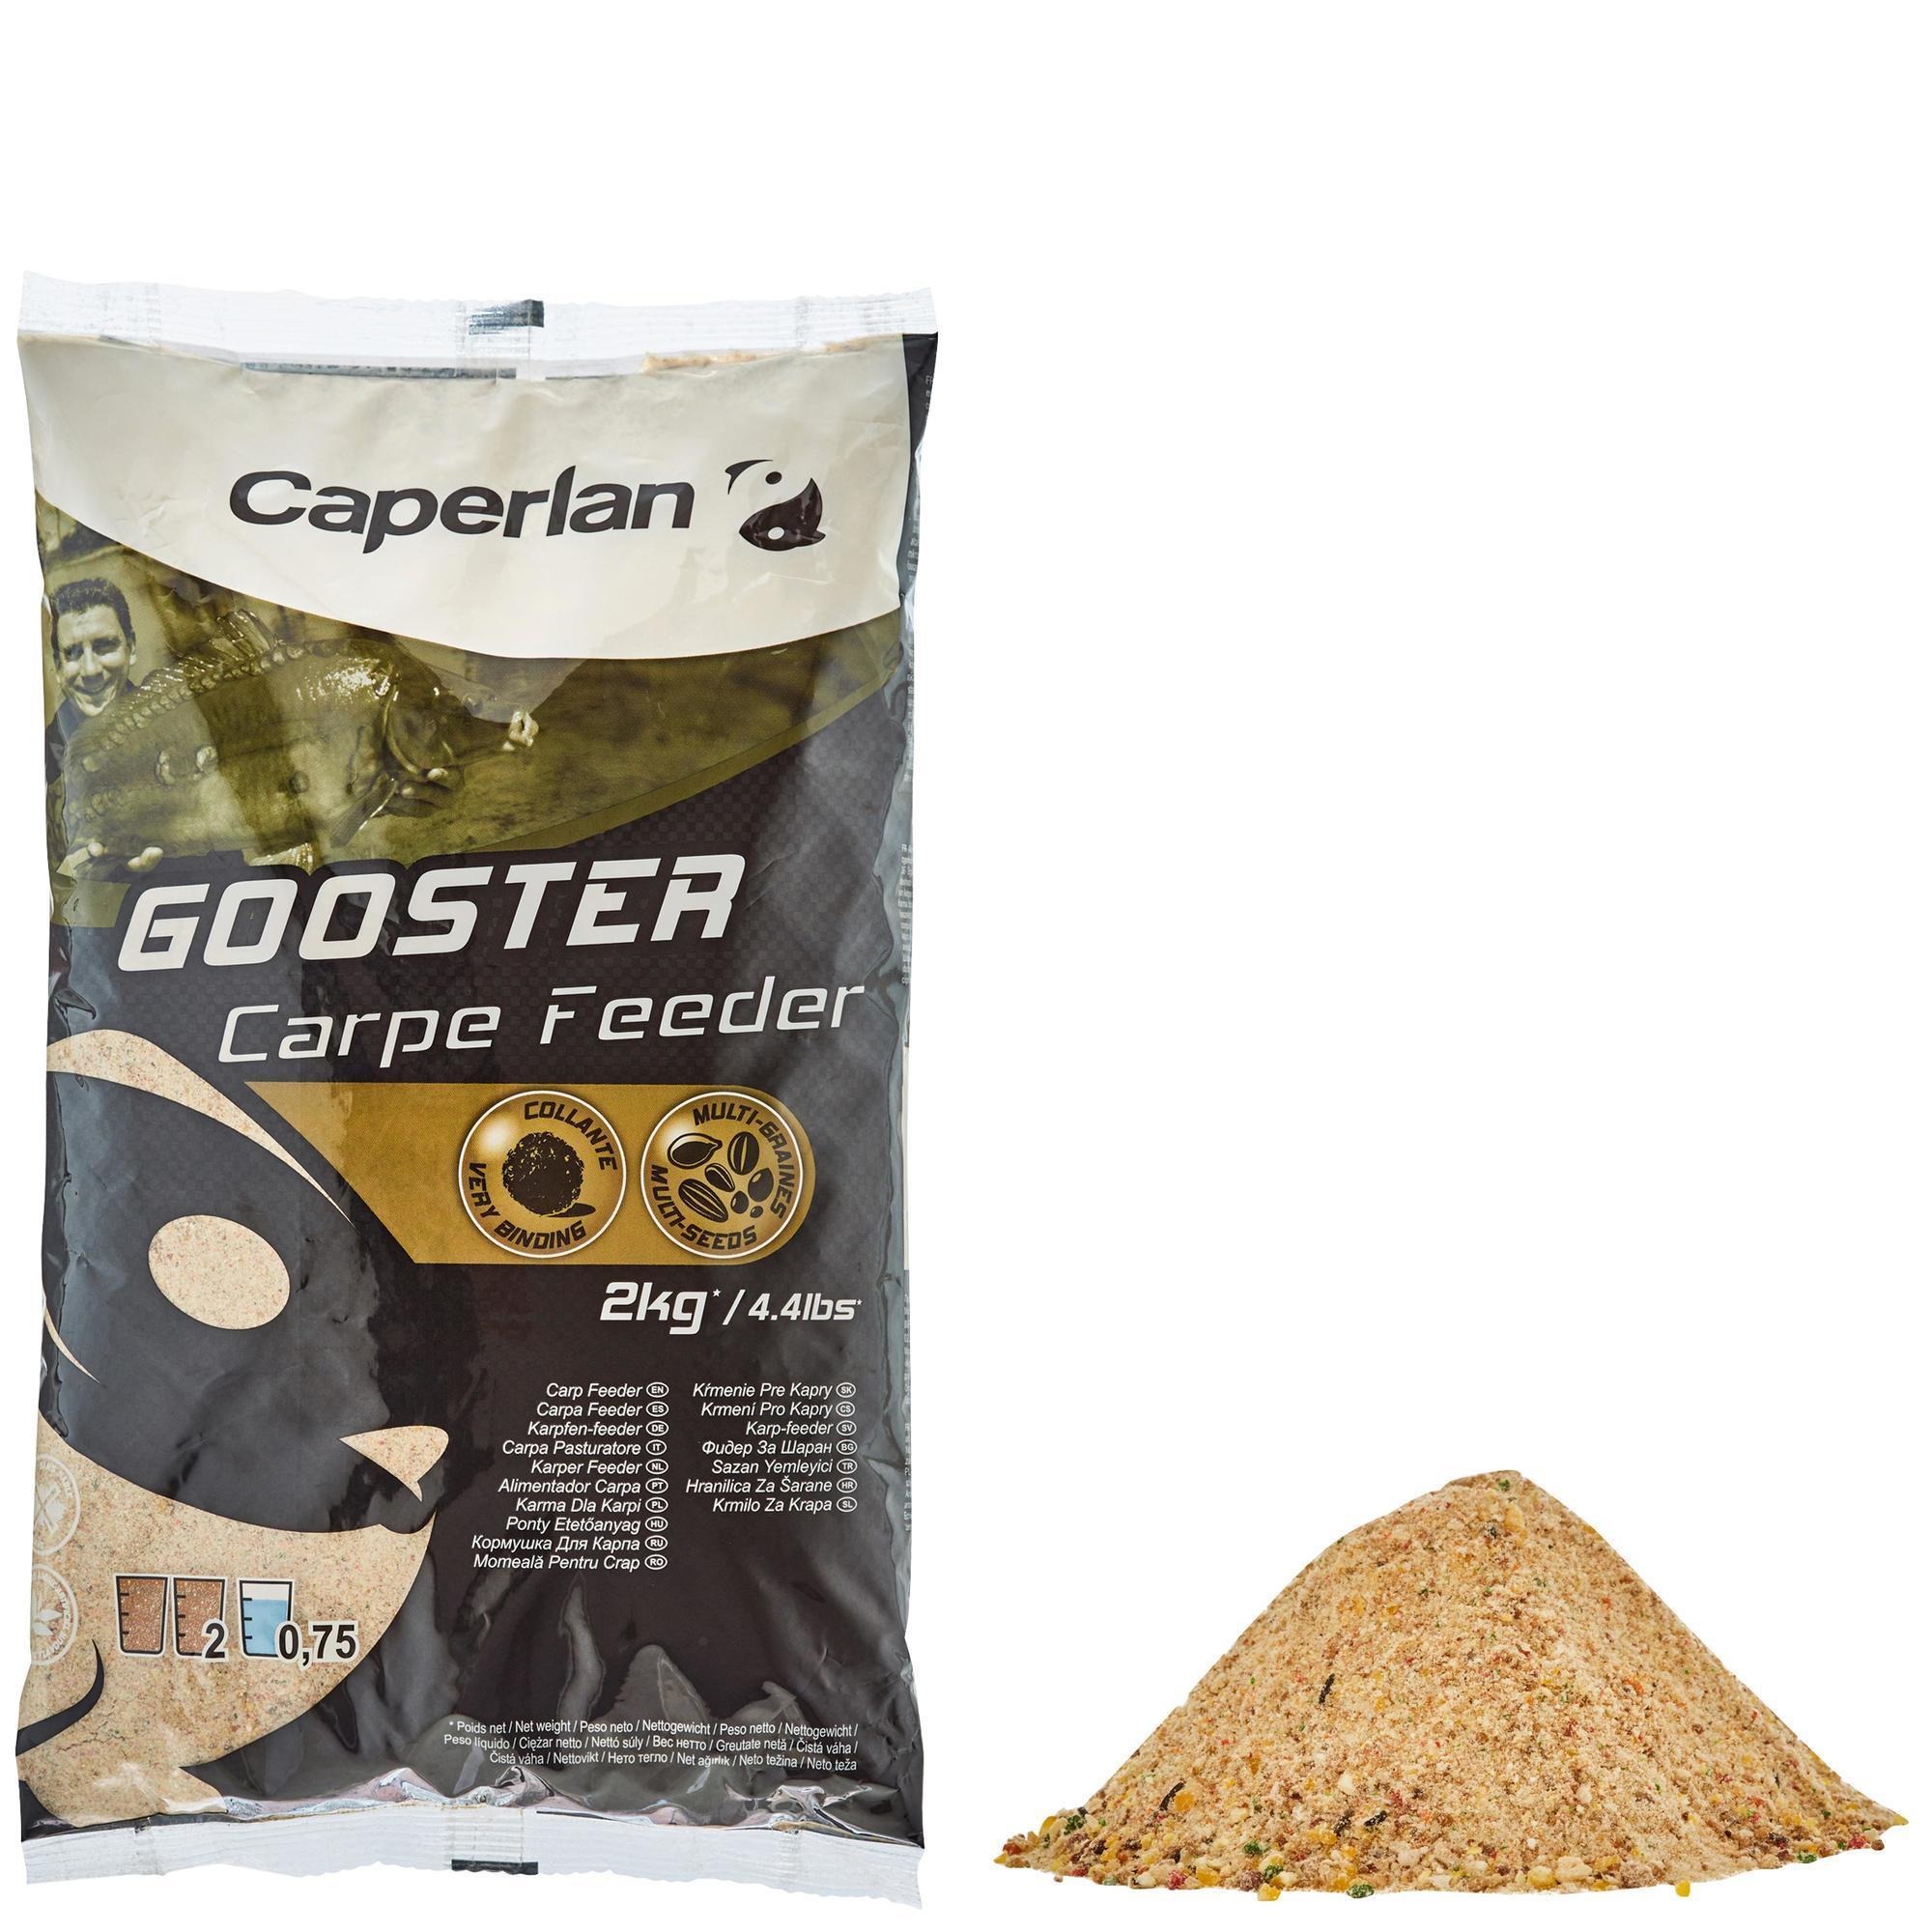 Caperlan Lokvoer feedervissen Gooster karper feeder 2 kg